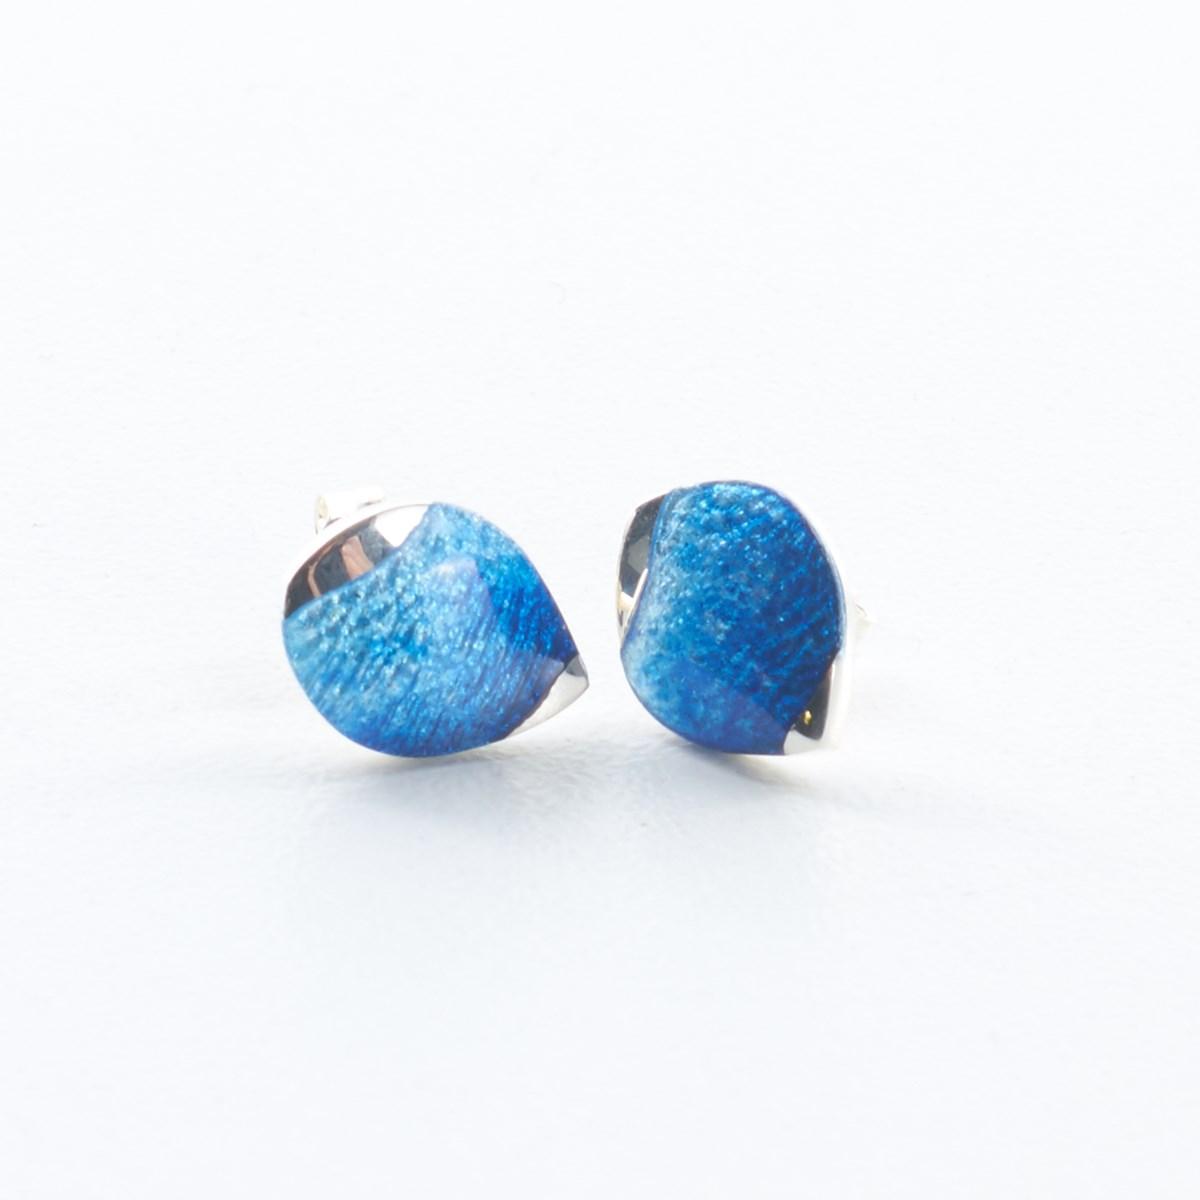 16b6dd9d8 Sterling Silver Mirage Earrings in Oasis by Ortak ·  18170064_sterling_silver_earings_oasis_3264_3290 ·  18170064_sterling_silver_earings_oasis_3261_3289